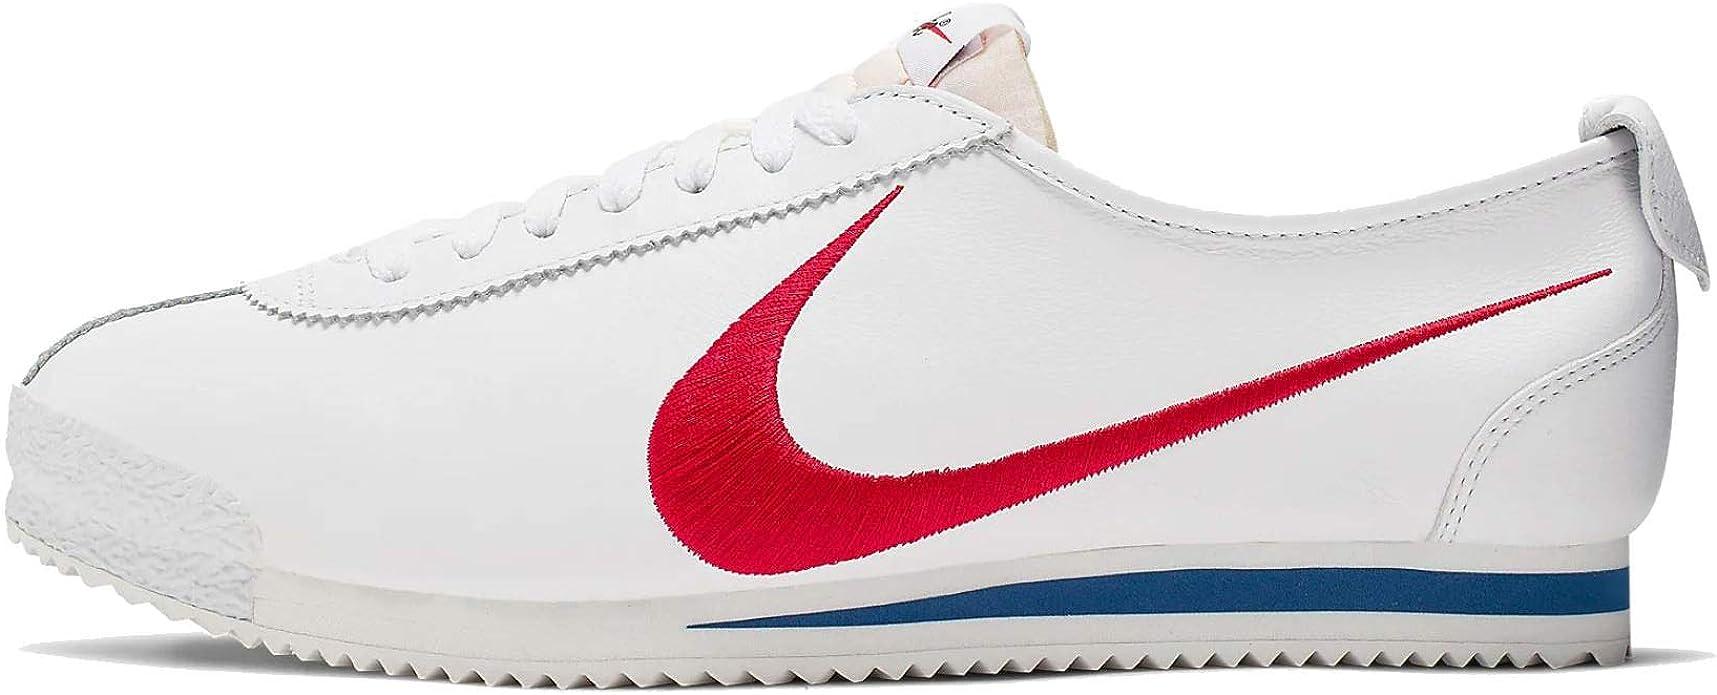 Papá estoy de acuerdo con presente  Nike Cortez '72 S.d. Hombres Cj2586-102, Azul (Blanco/Rojo Varsidad/Juego  Royal), 36.5 EU: Amazon.es: Zapatos y complementos